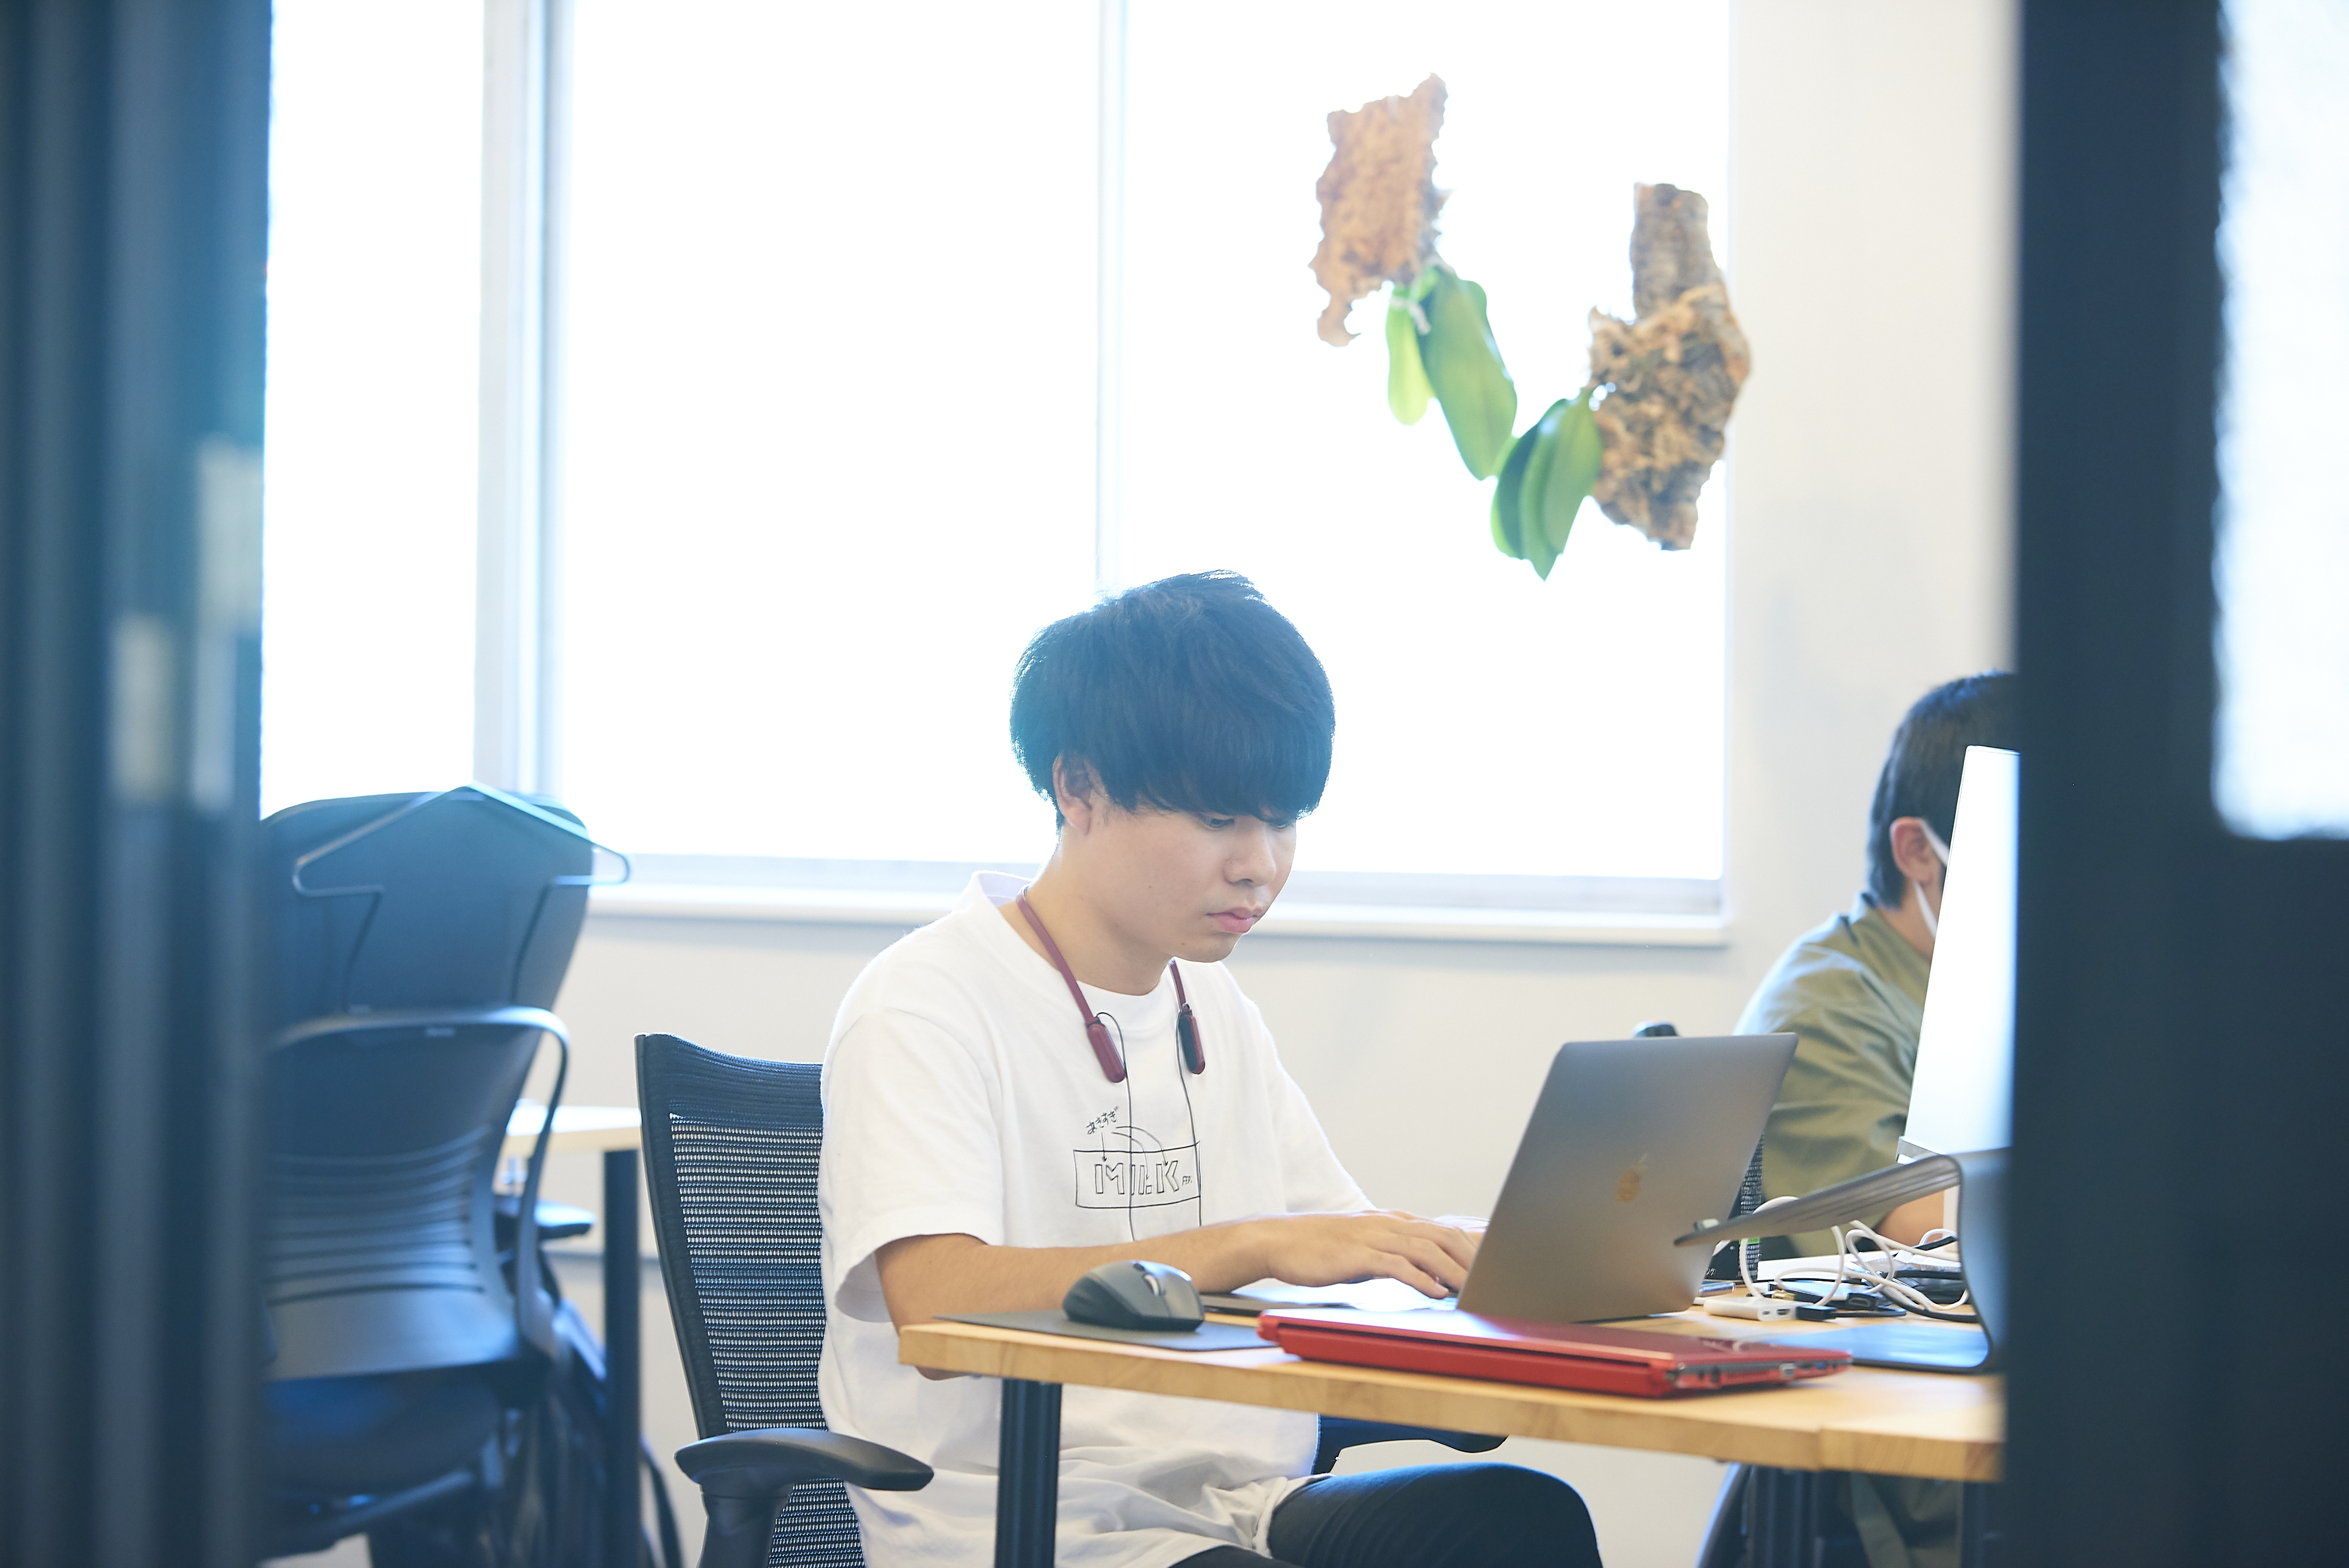 【Shopifyチーム立ち上げ】D2Cを支えるグローバルECプラットフォームに興味があるエンジニア募集!1